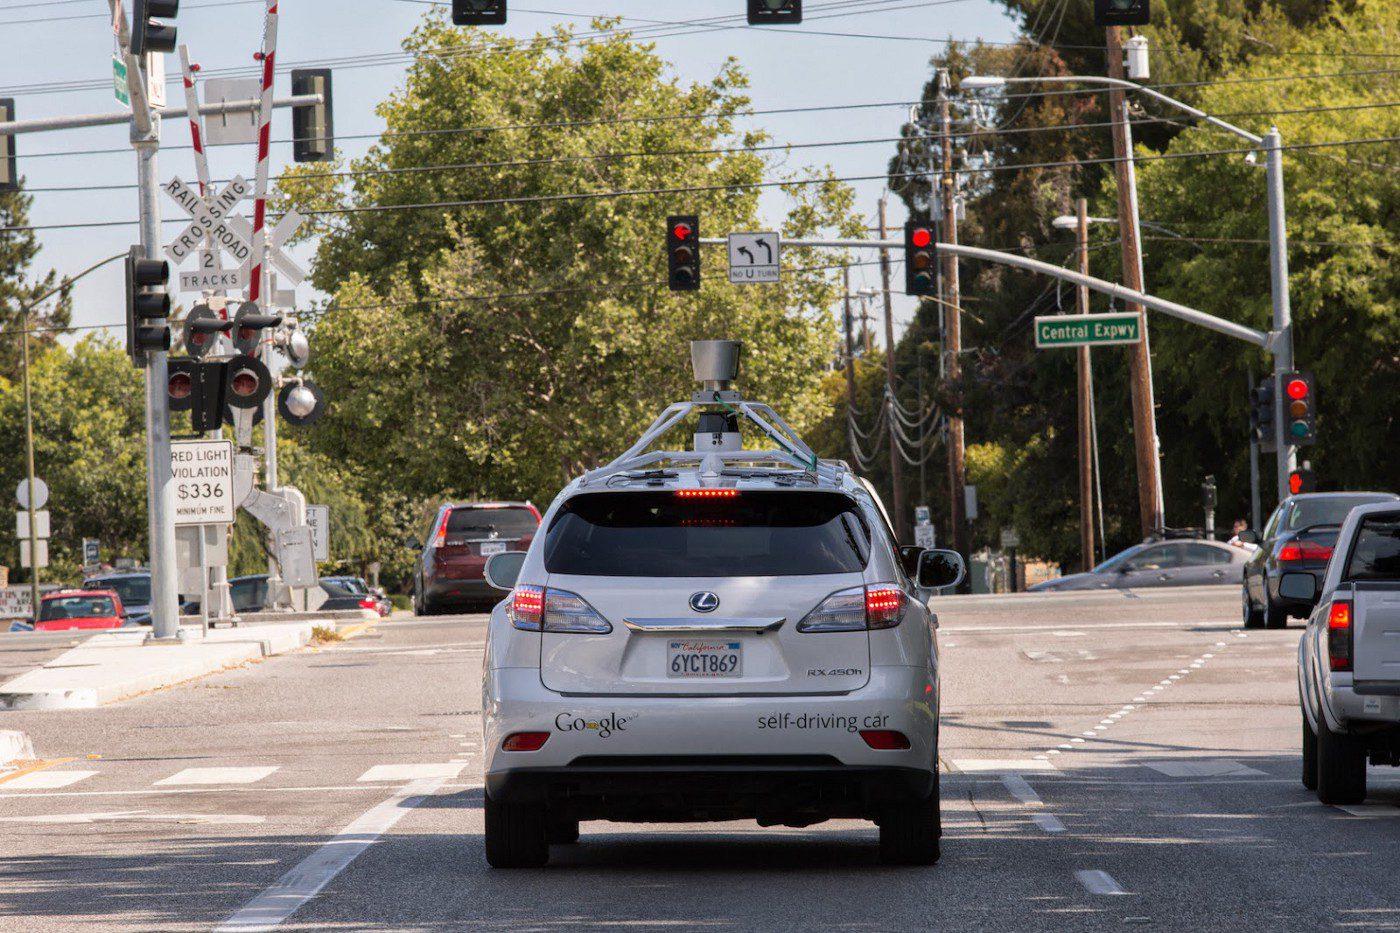 รถยนต์ไร้คนขับ Google